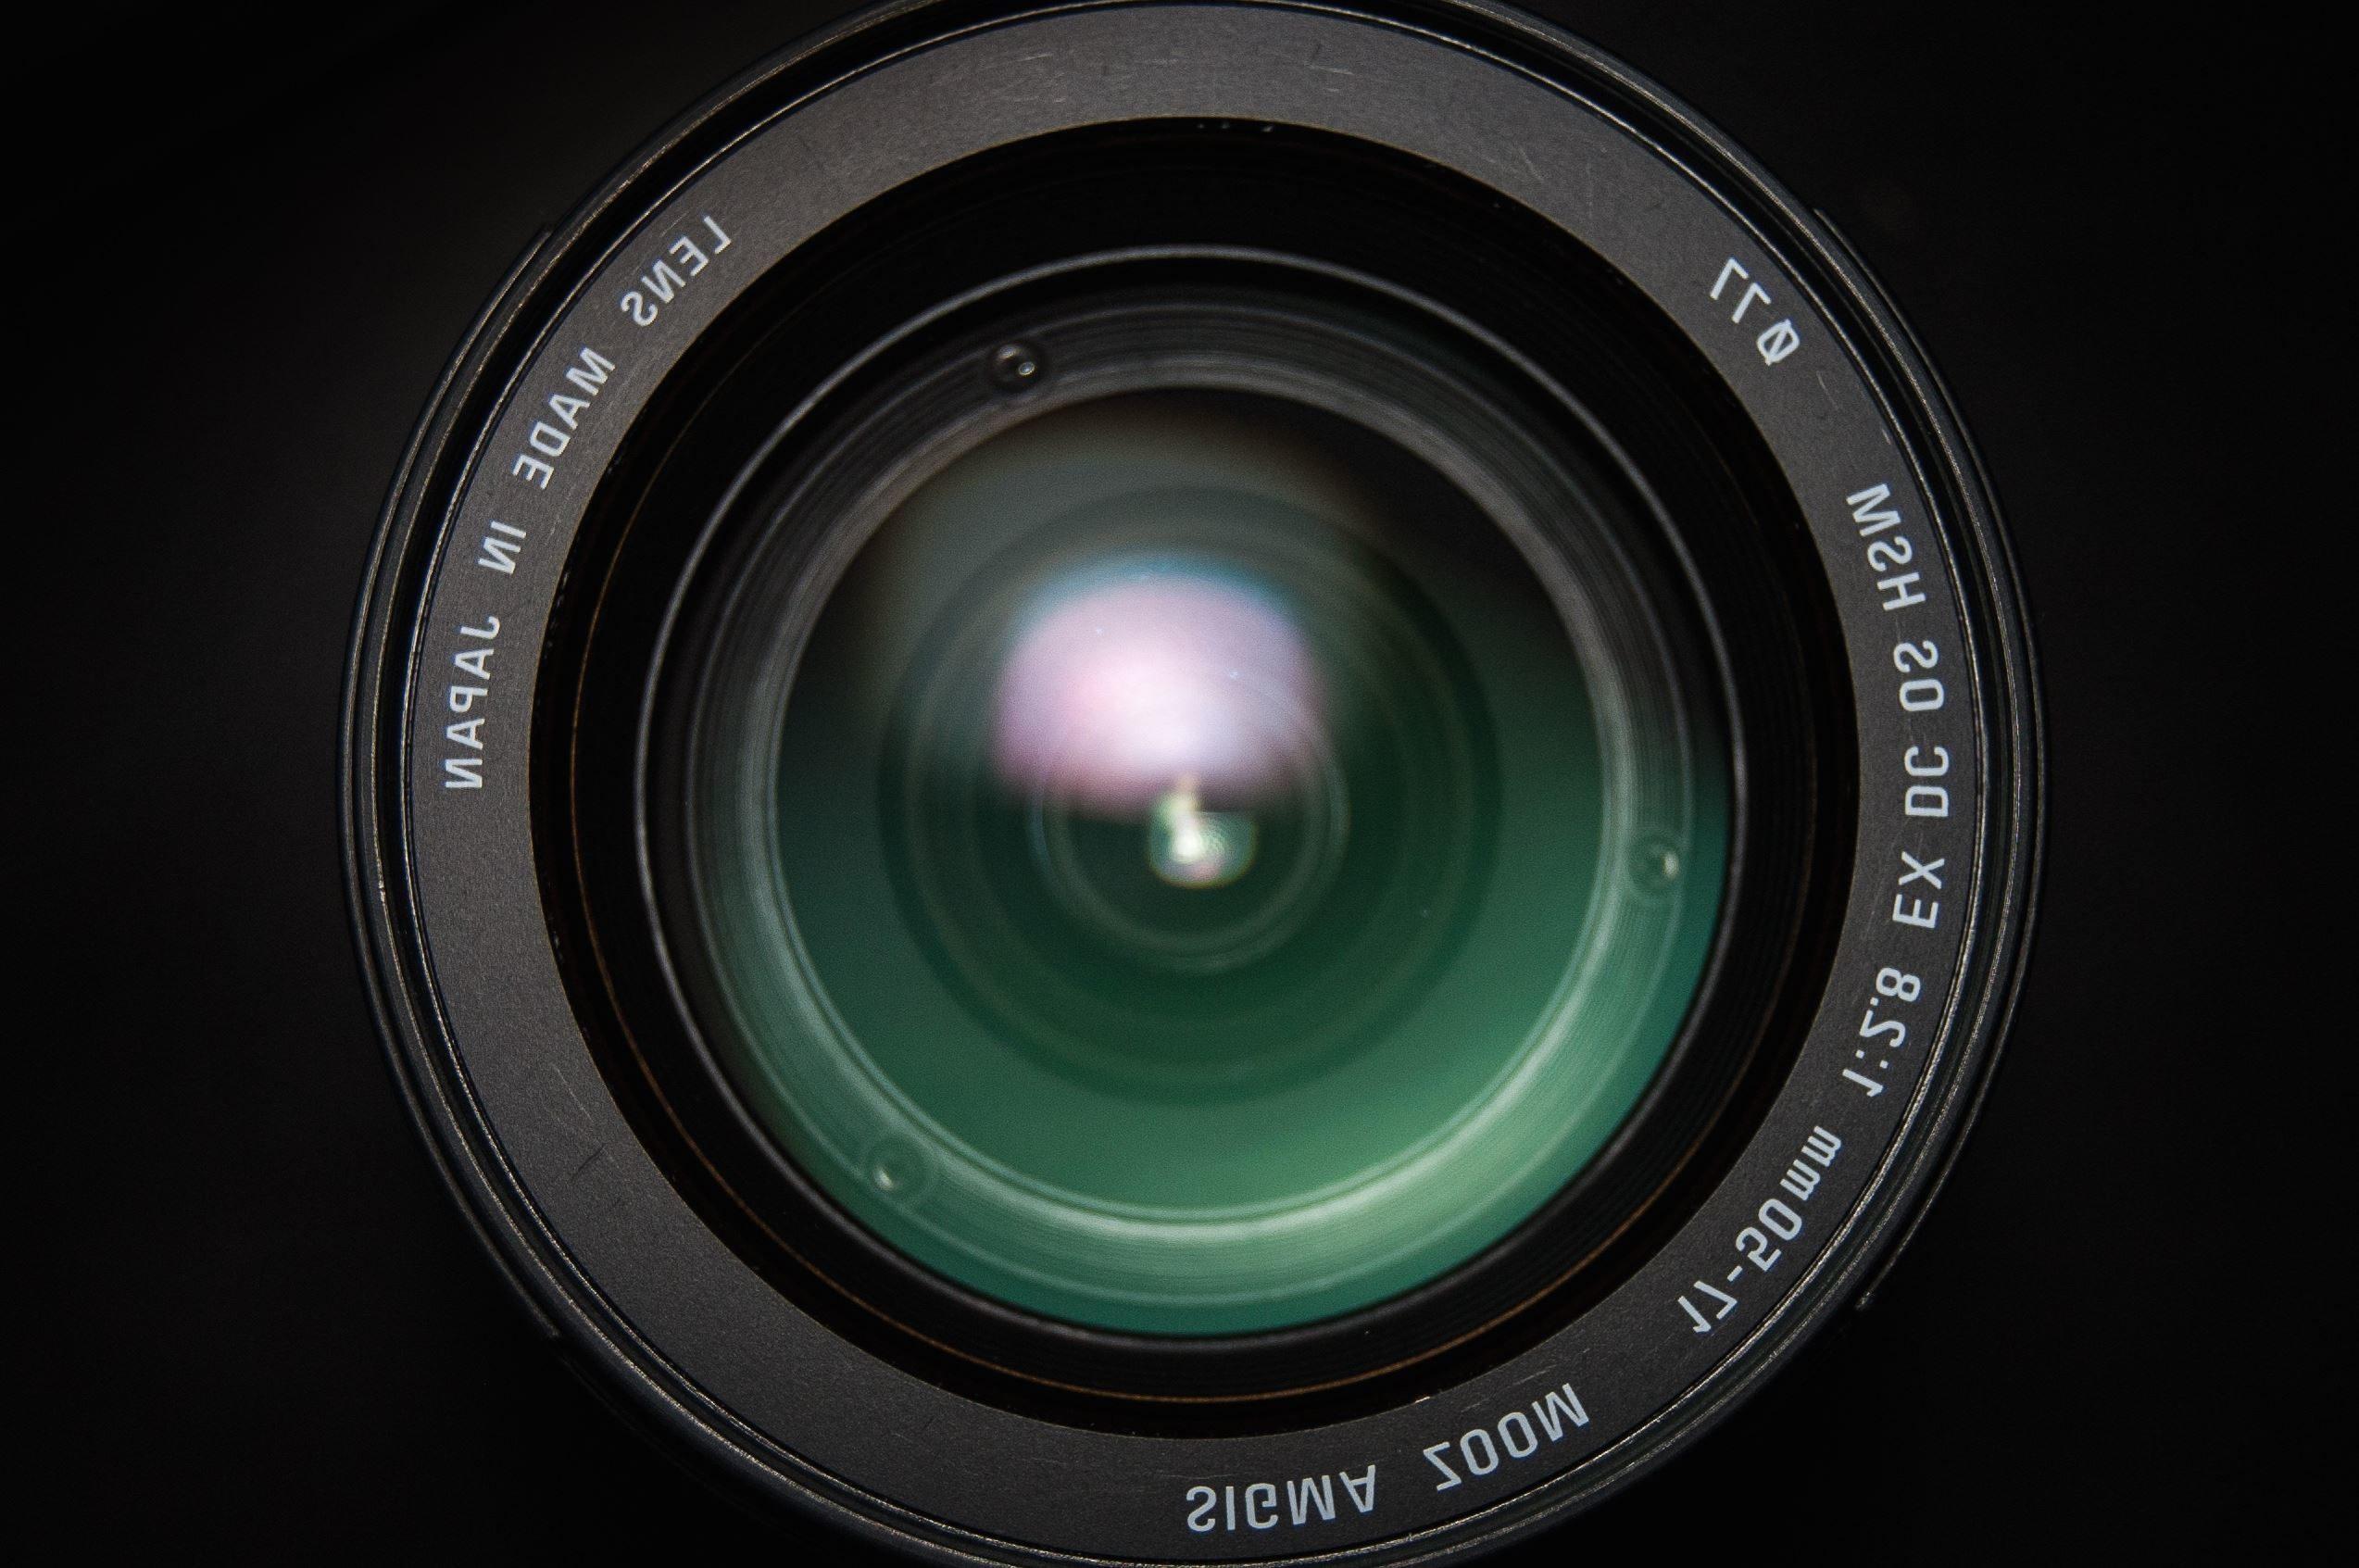 Ver fotos de camaras digitales 42